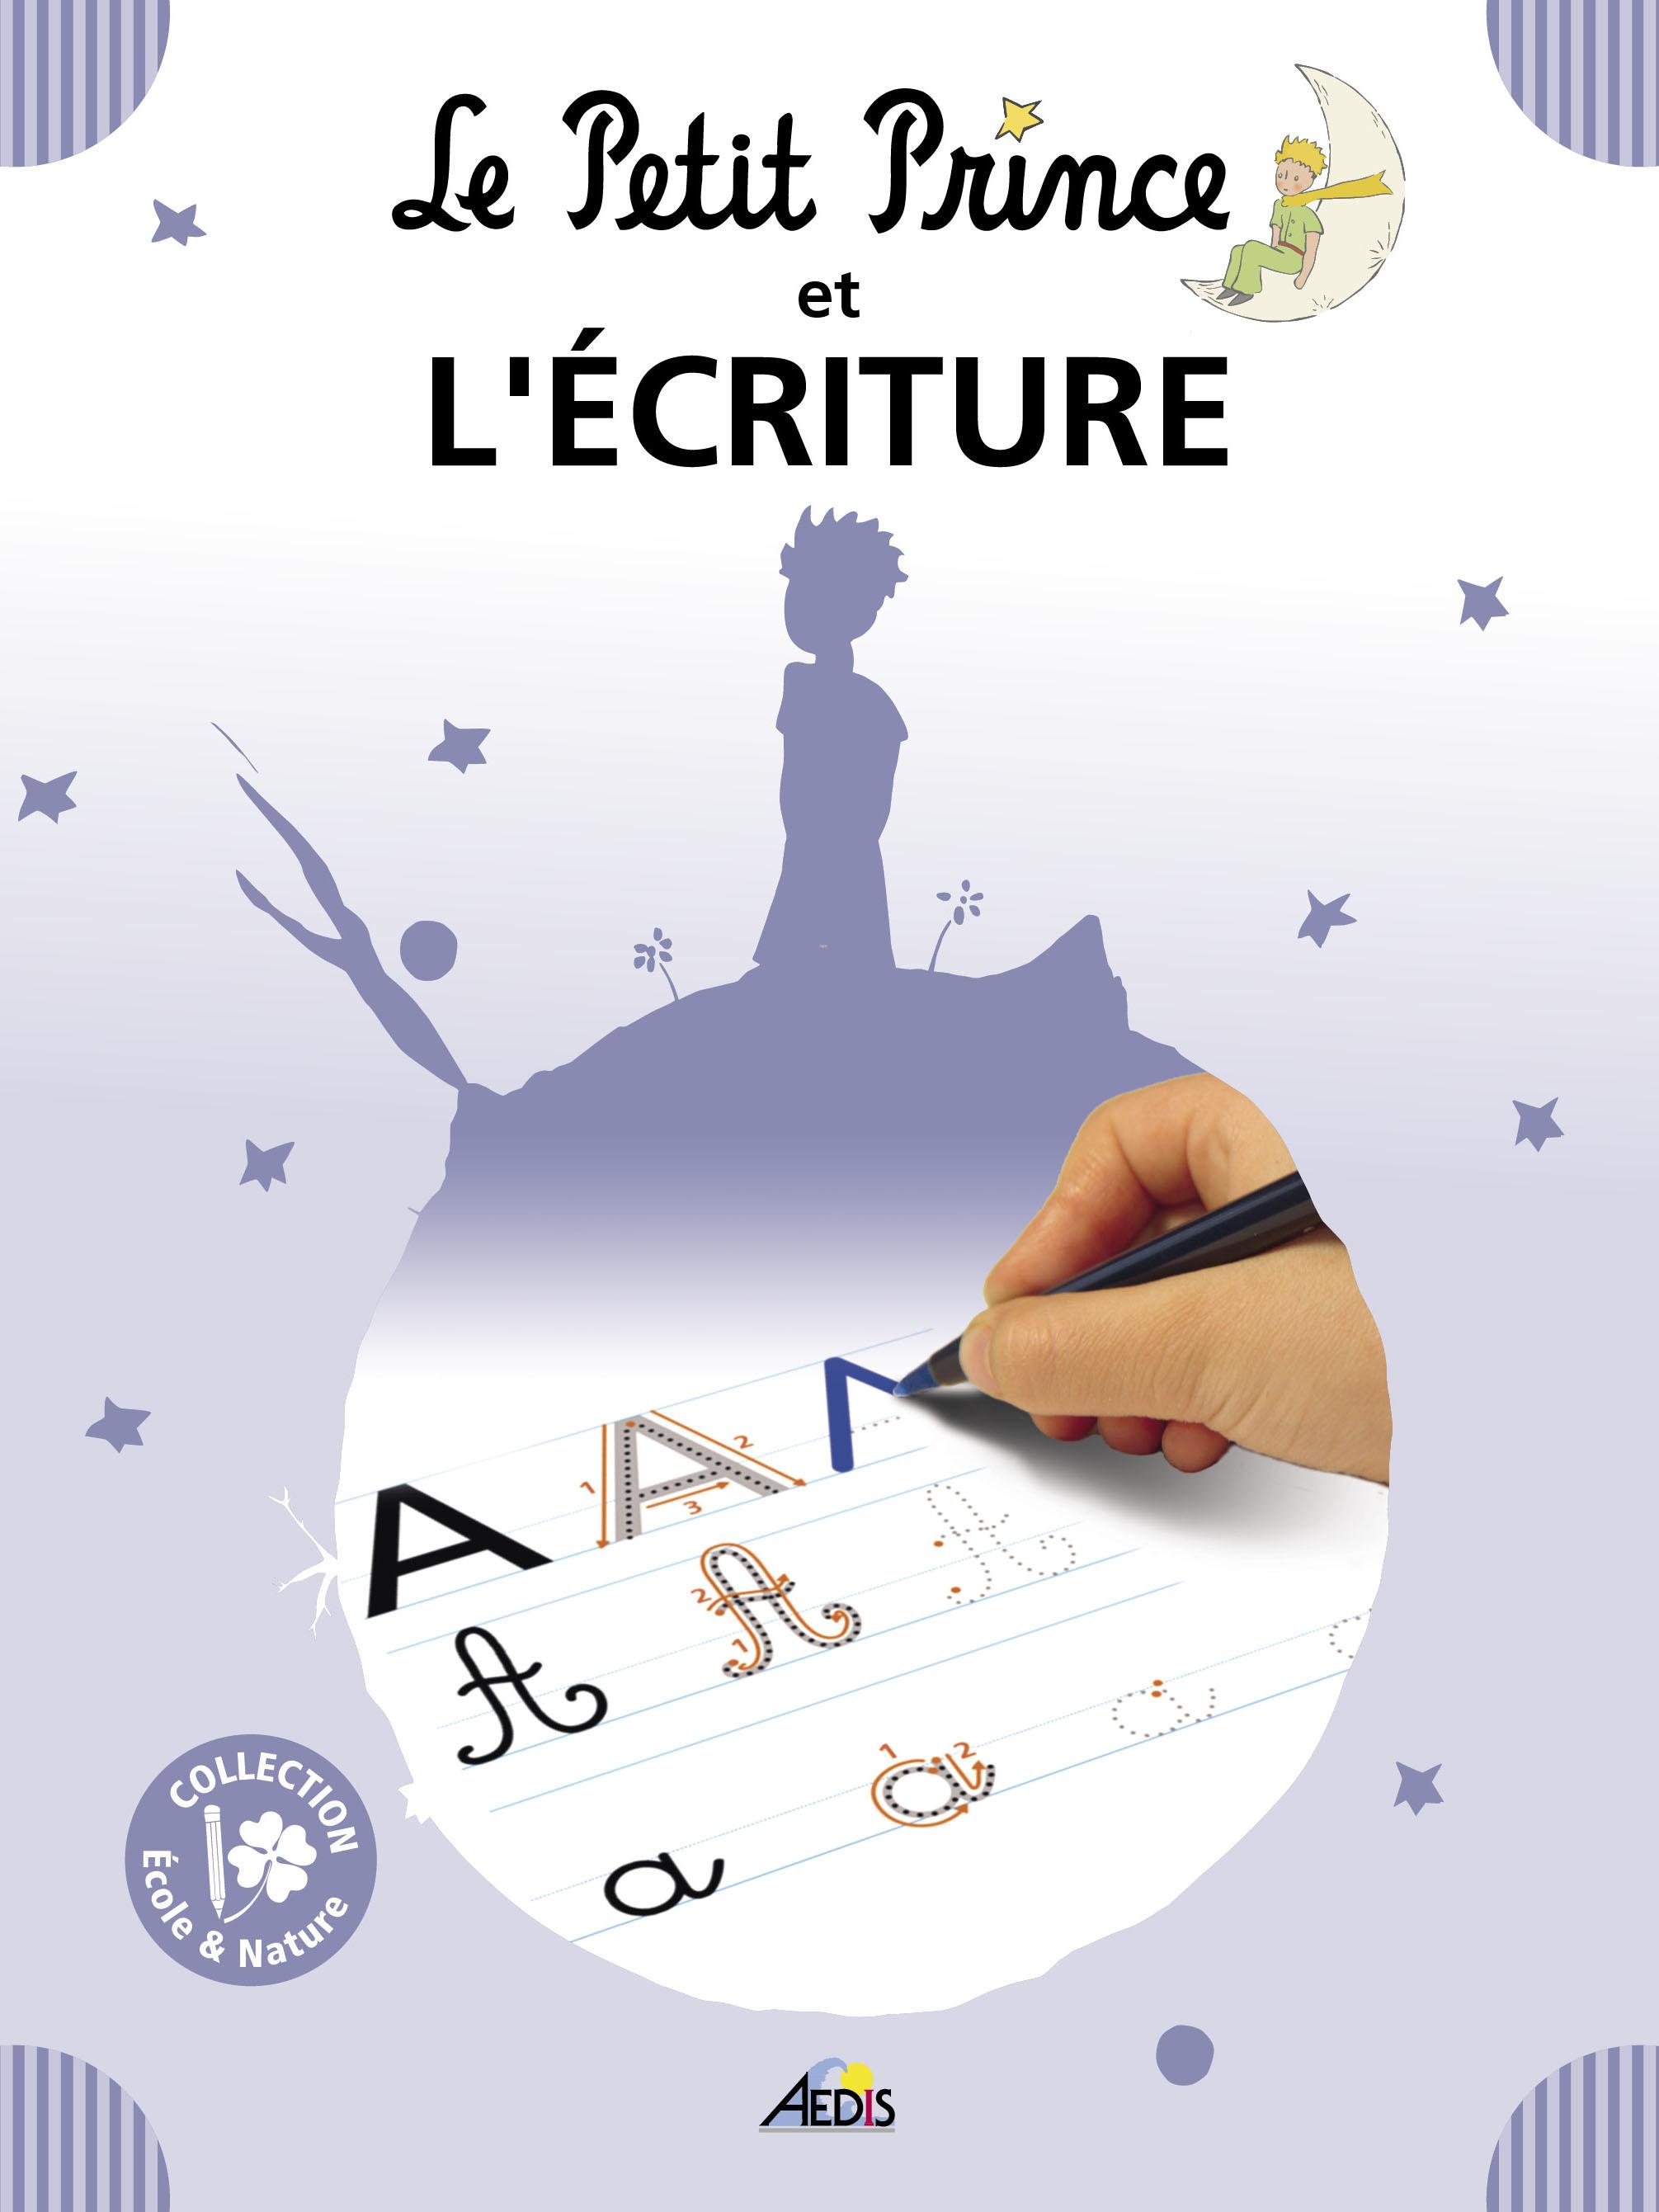 02 - LE PETIT PRINCE ET L'ECRITURE